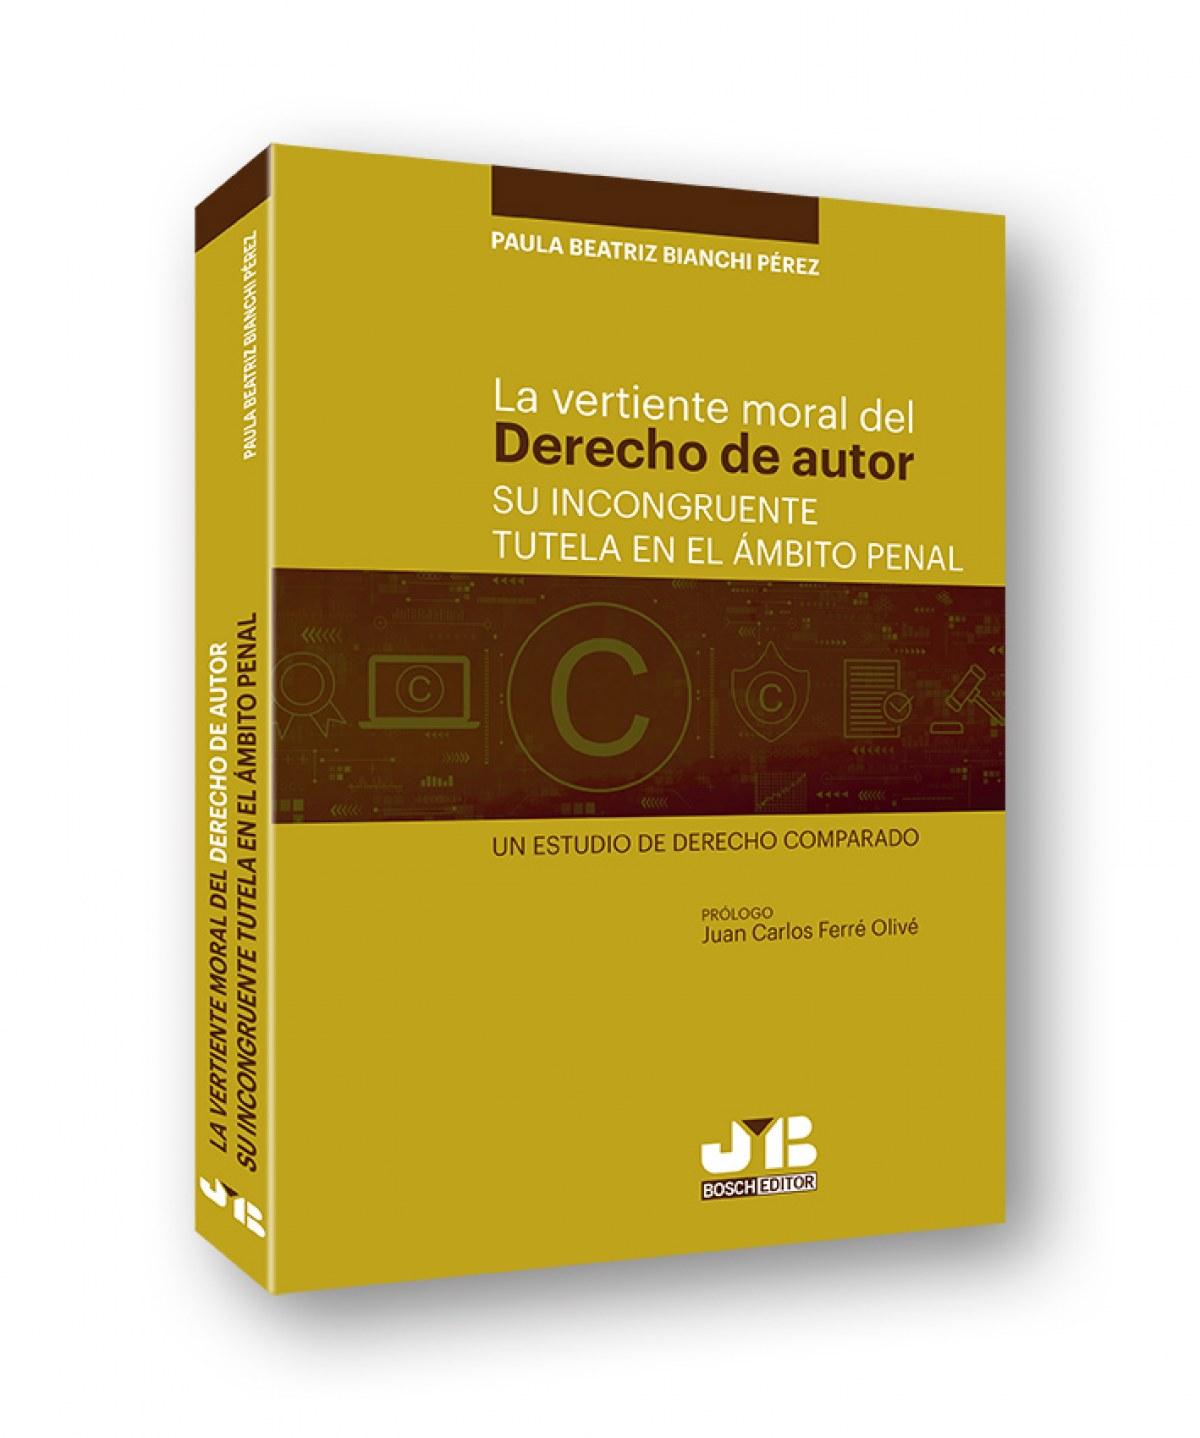 La vertiente moral del derecho de autor: su incongruente tutela e 9788412282740